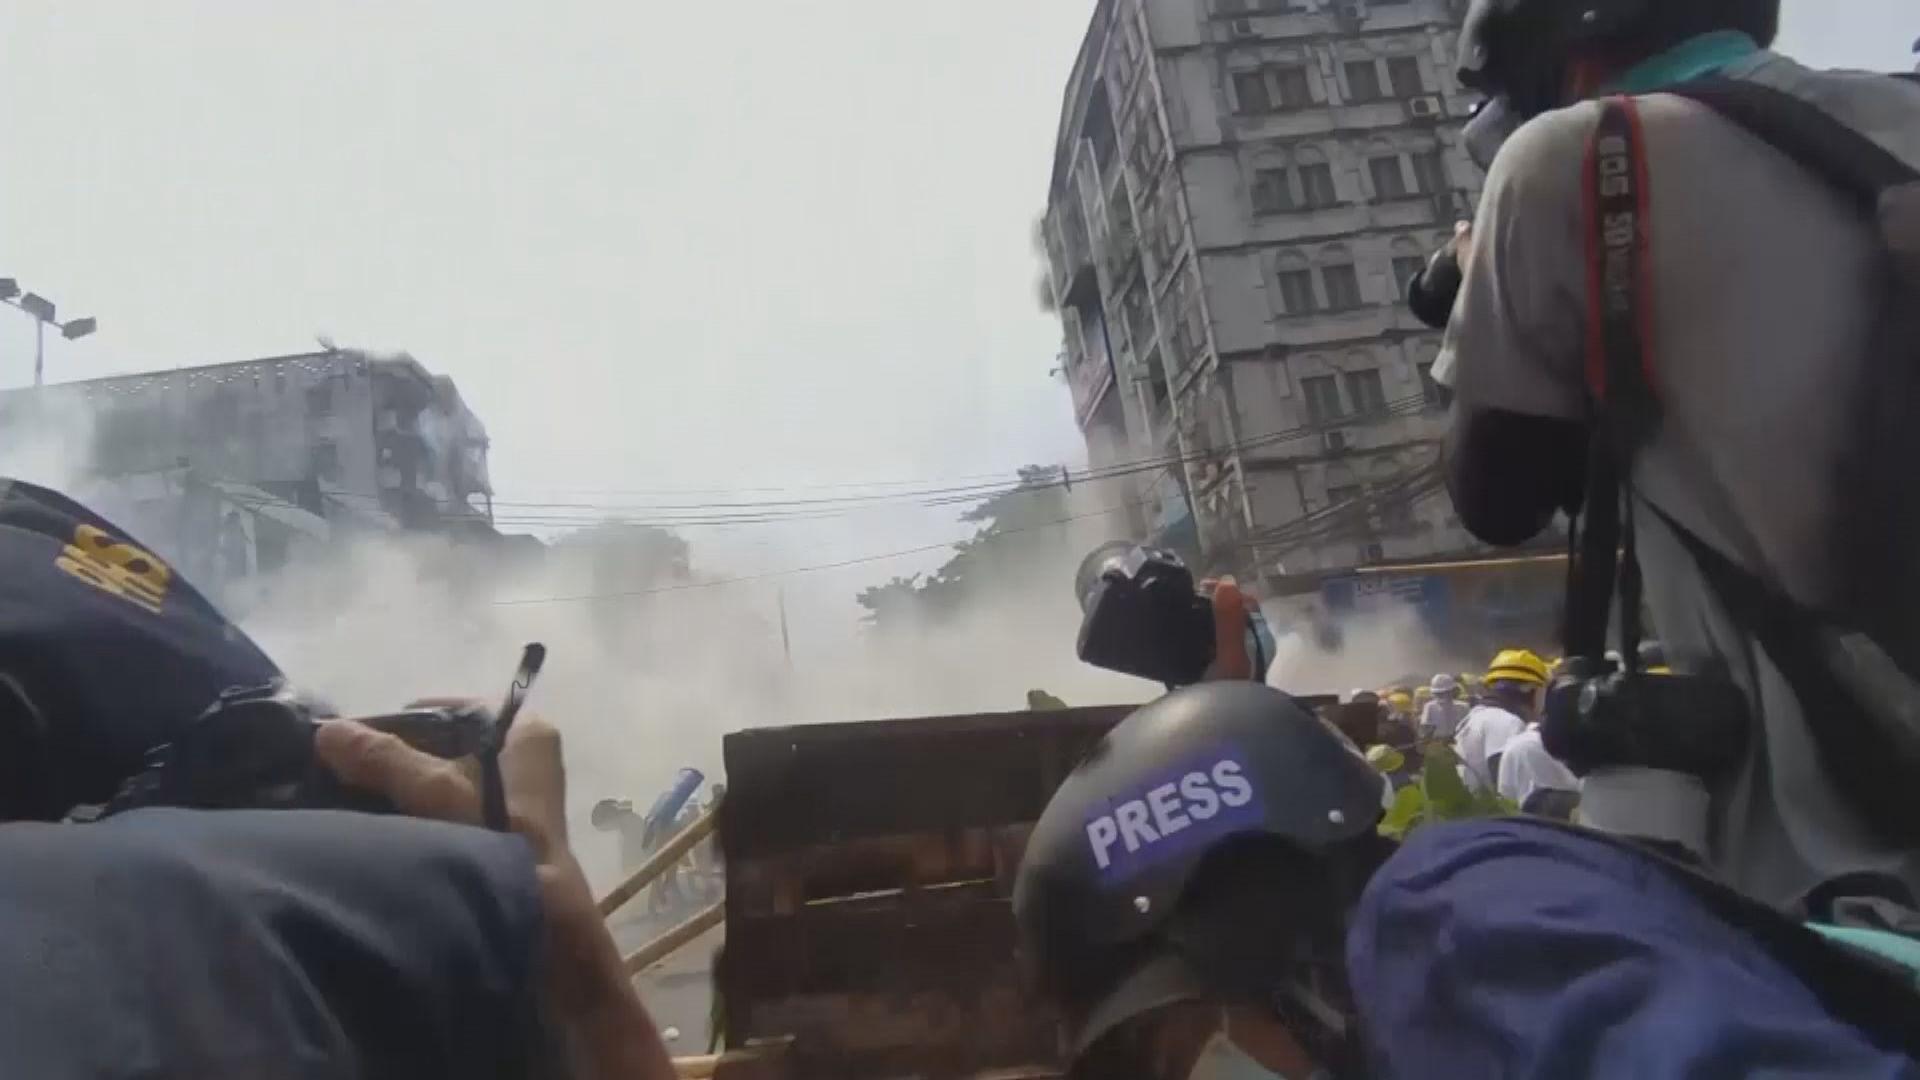 報道指緬甸警方拘捕最少六名記者